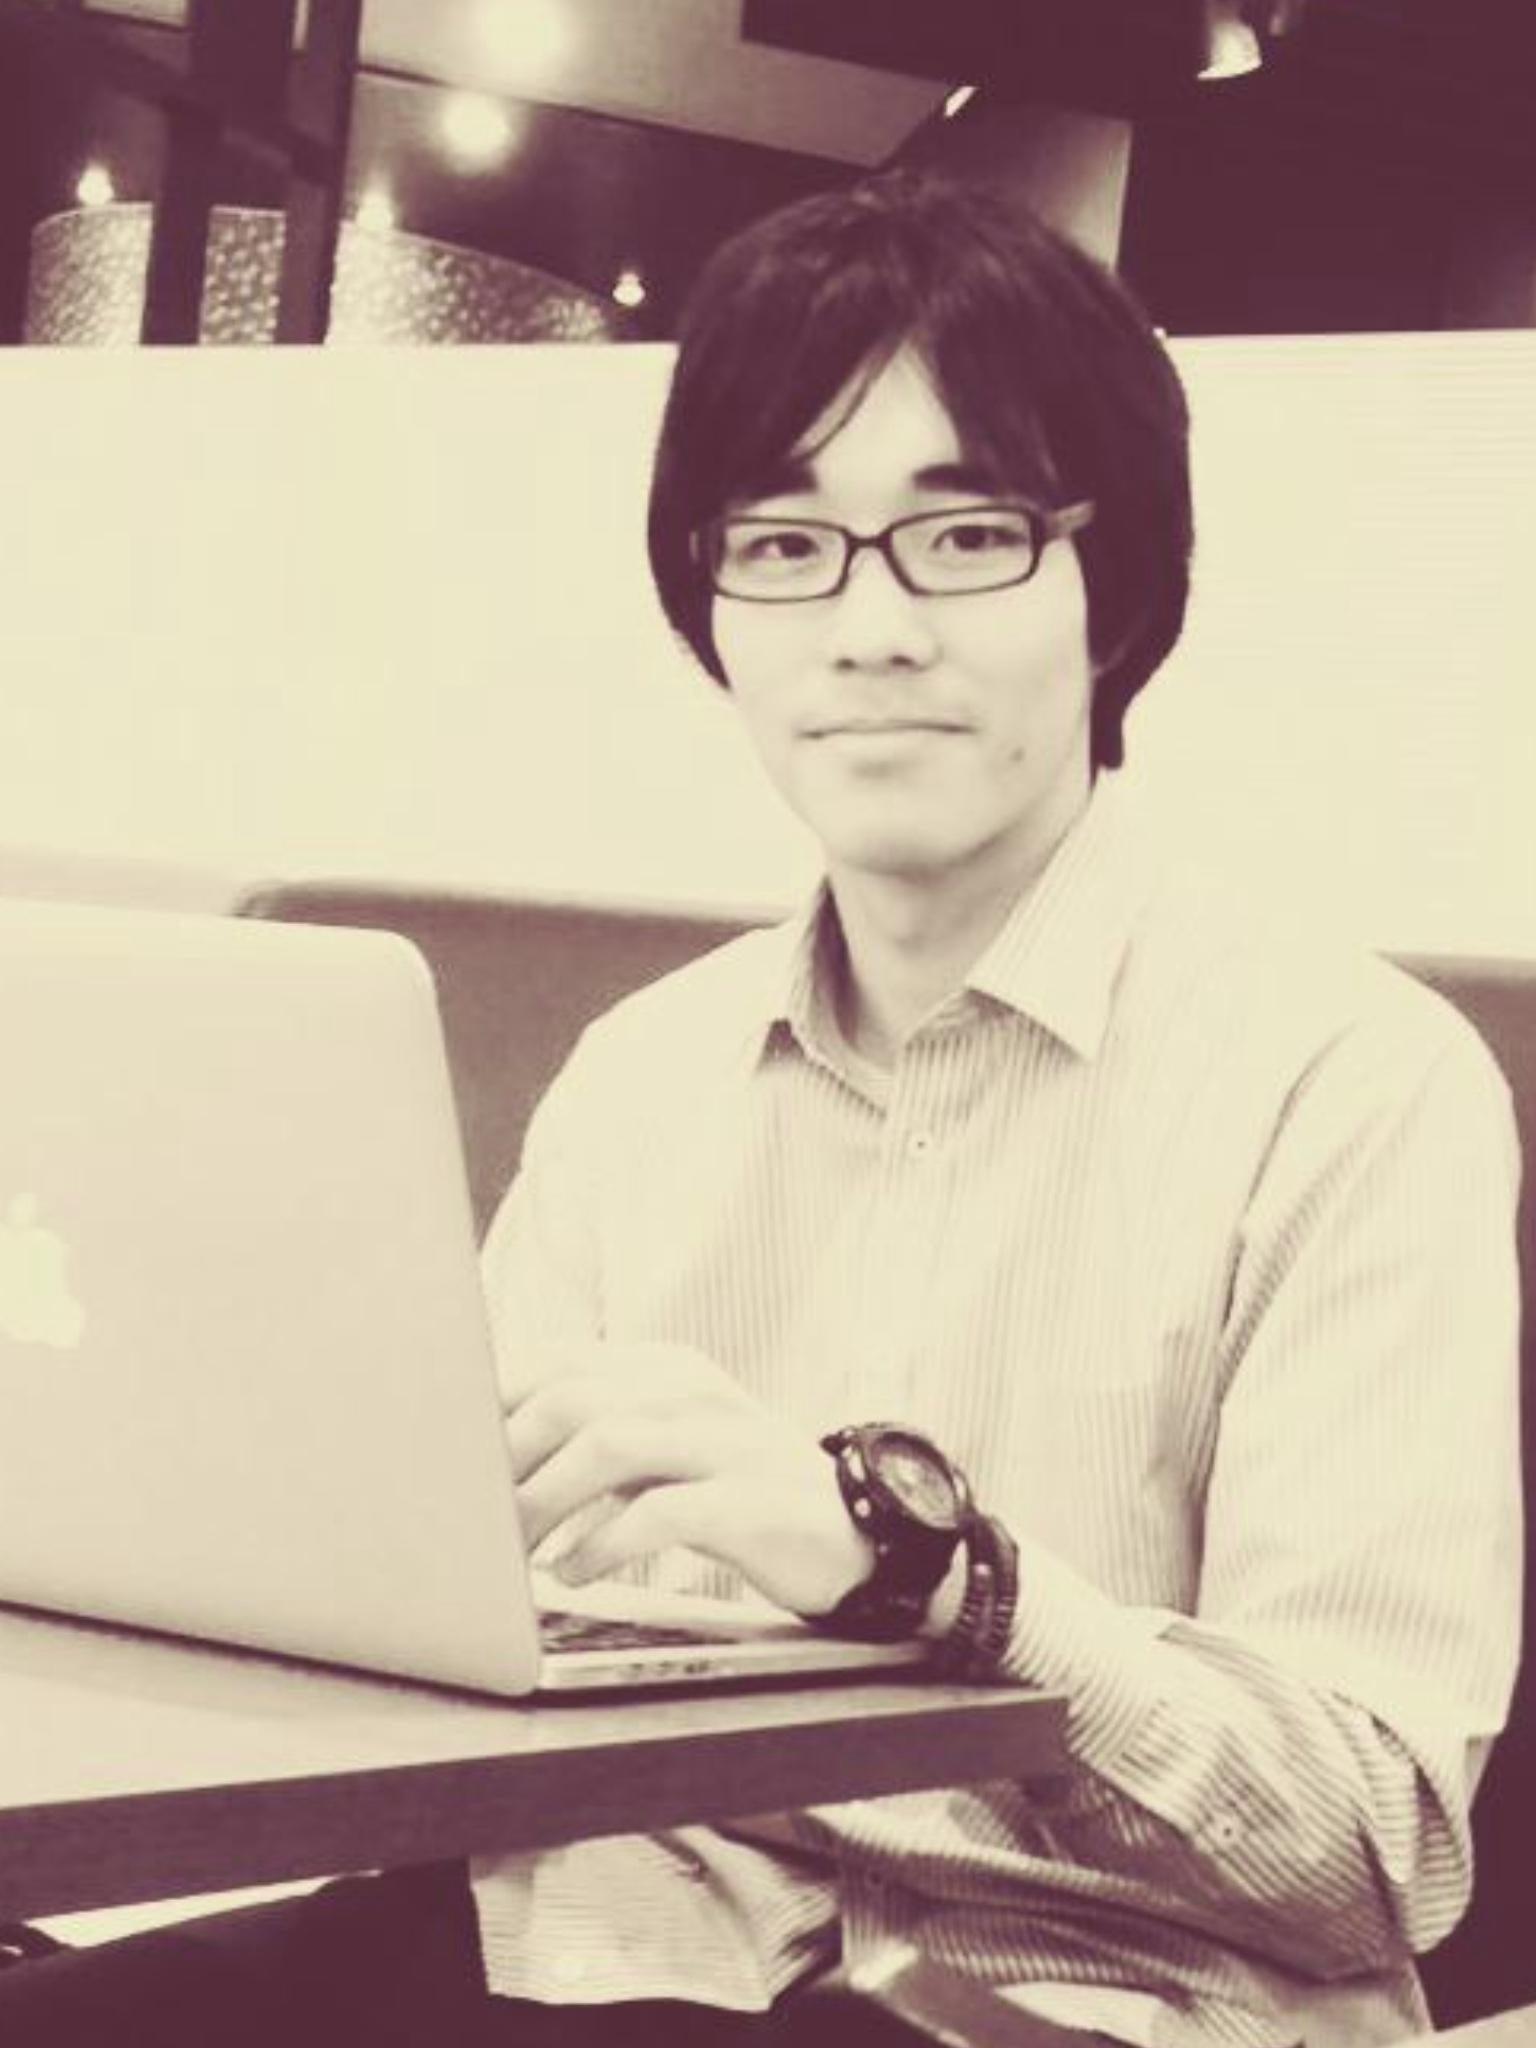 コピーライター&起業家@Tetsu